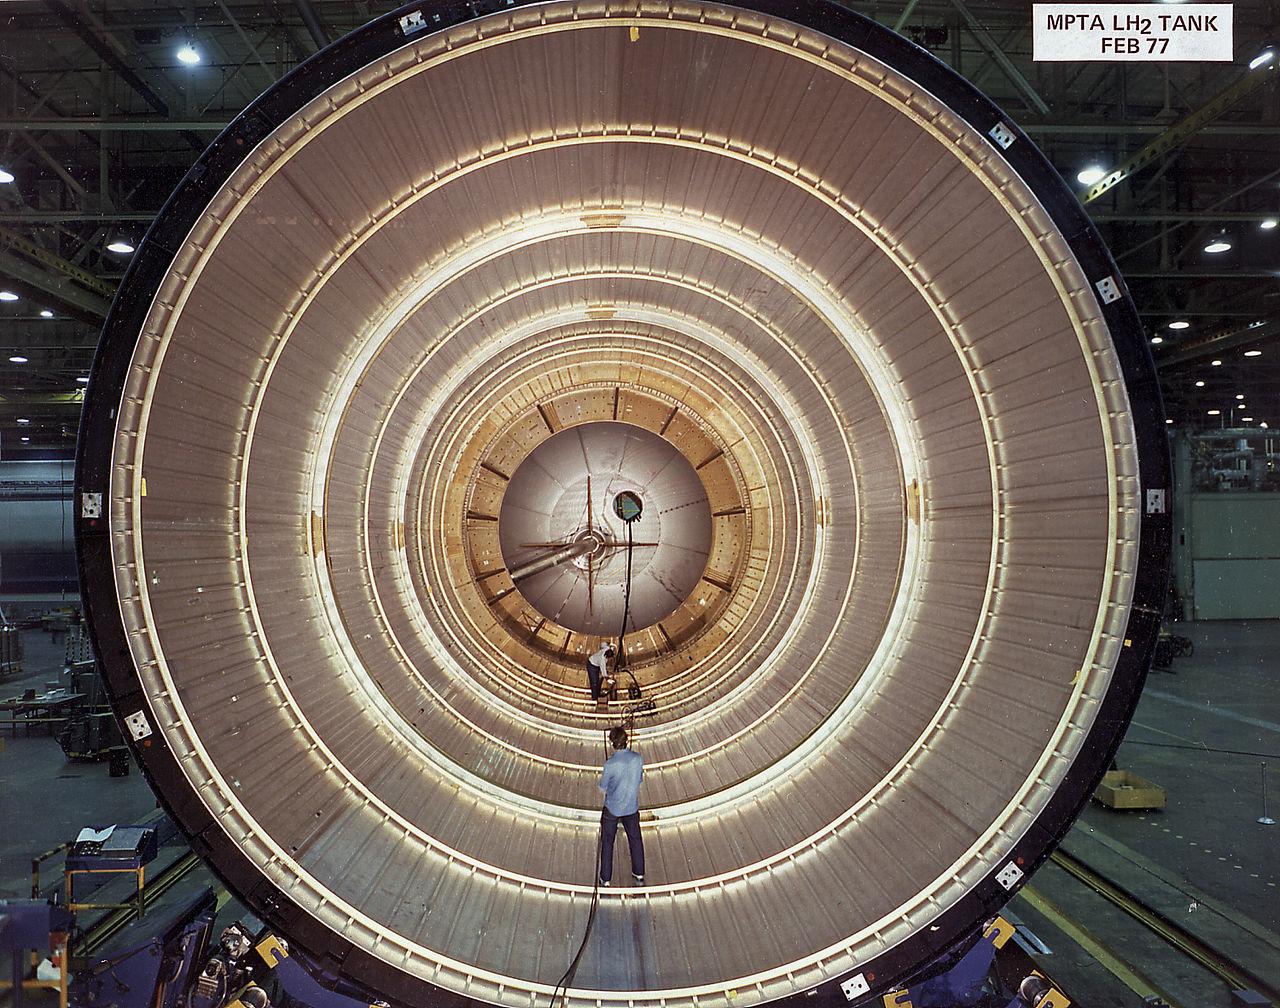 Ako vyzerá vnútro rakety? Skutočnej rakety, nie kozmickej lode? Istú predstavu, v akom prostredí sa Watson ocitol, môžete mať z tohto pohľadu dovnútra nedokončenej nádrže External Tank, hoci to technicky vzaté raketa nie je – nanajvýš jej súčasť. Nádrže na kvapalné pohonné hmoty však vyzerajú vo všetkých prípadoch podobne. Tá Watsonova mala, samozrejme, niekoľkokrát širší prierez. Zdroj.